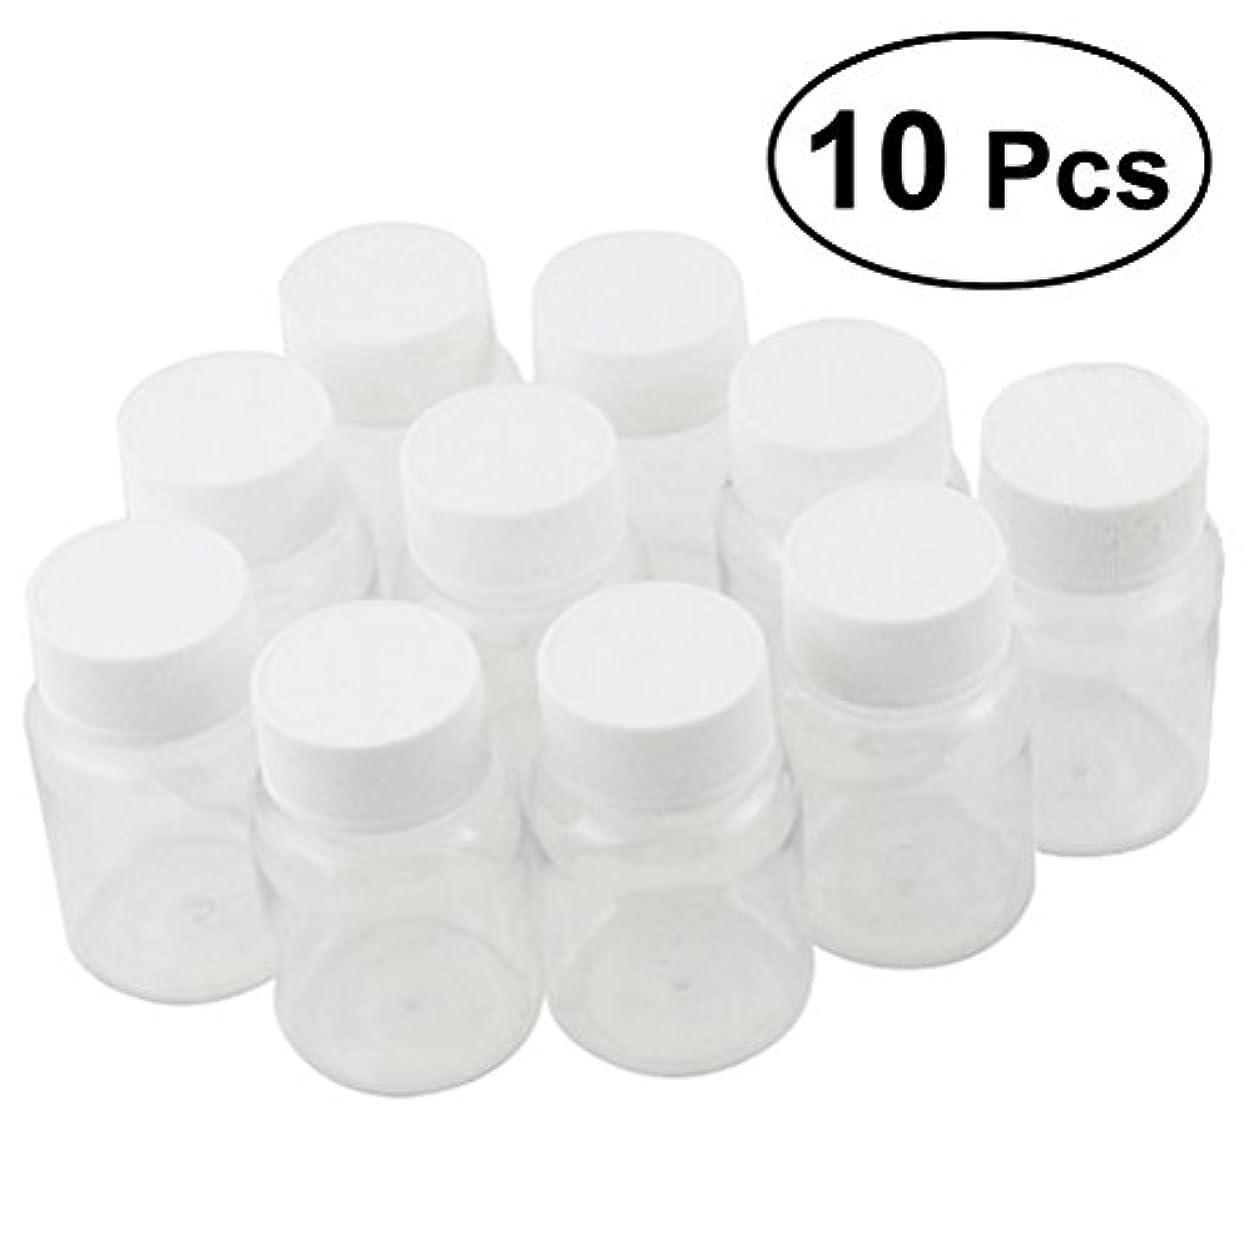 警報代わりにを立てるリビングルームULTNICE 小分けボトル 広口 クリア 詰め替え容器 薬保存 ビーズ収納 液体 10個セット